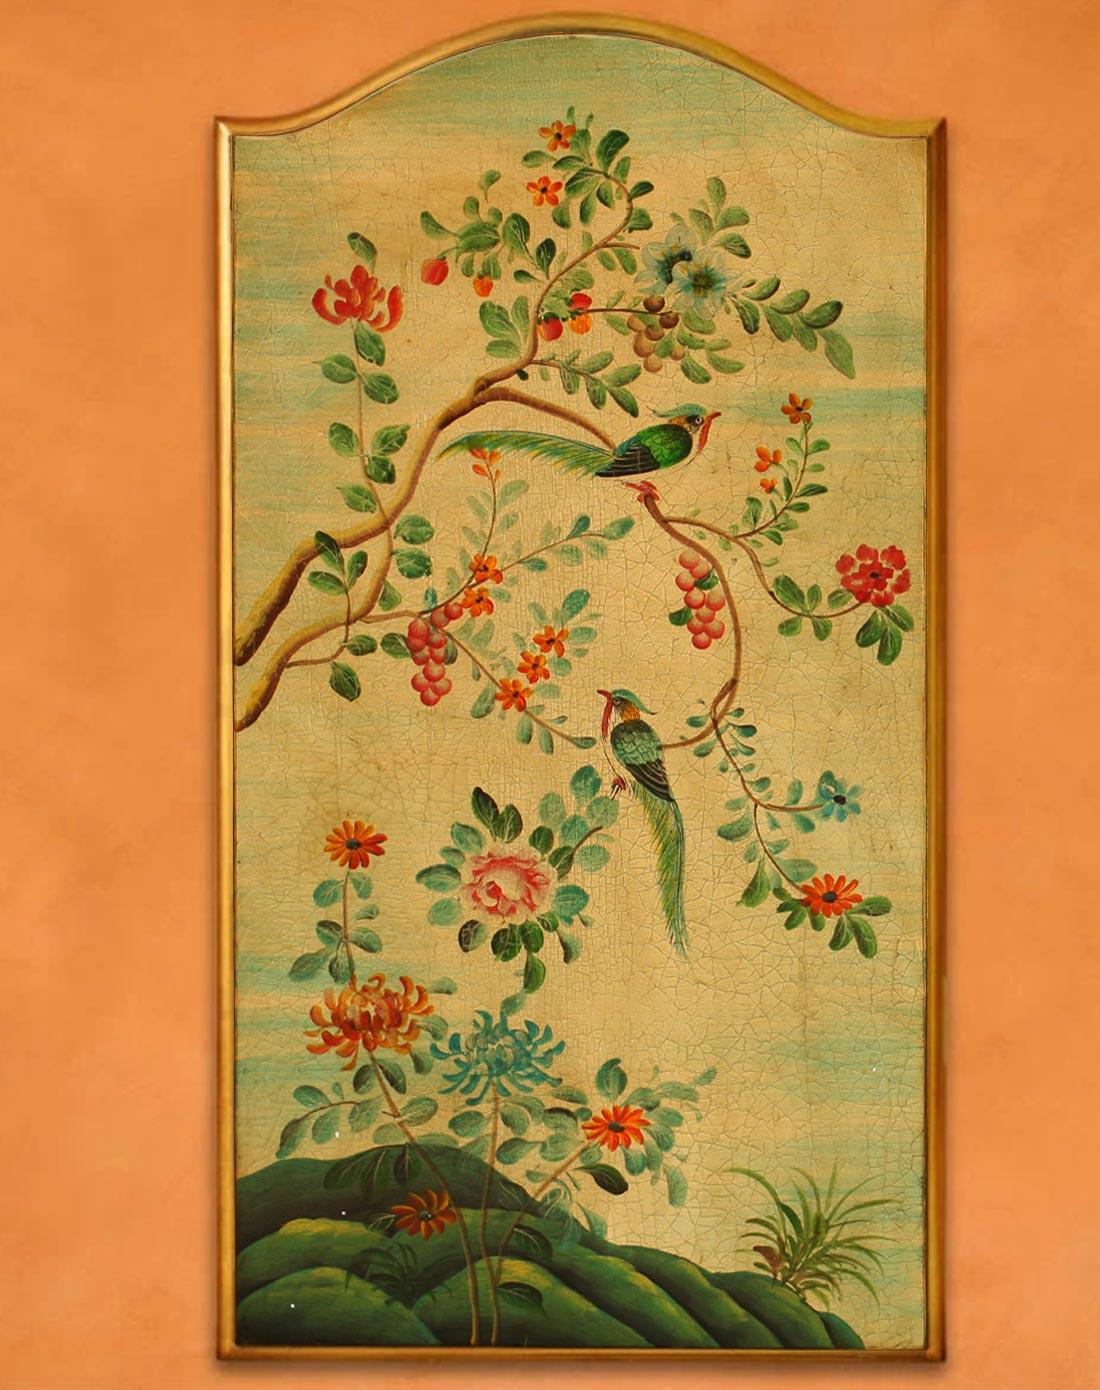 鱼西美屋专场大型欧式花鸟木质装饰画1号yxmwj305